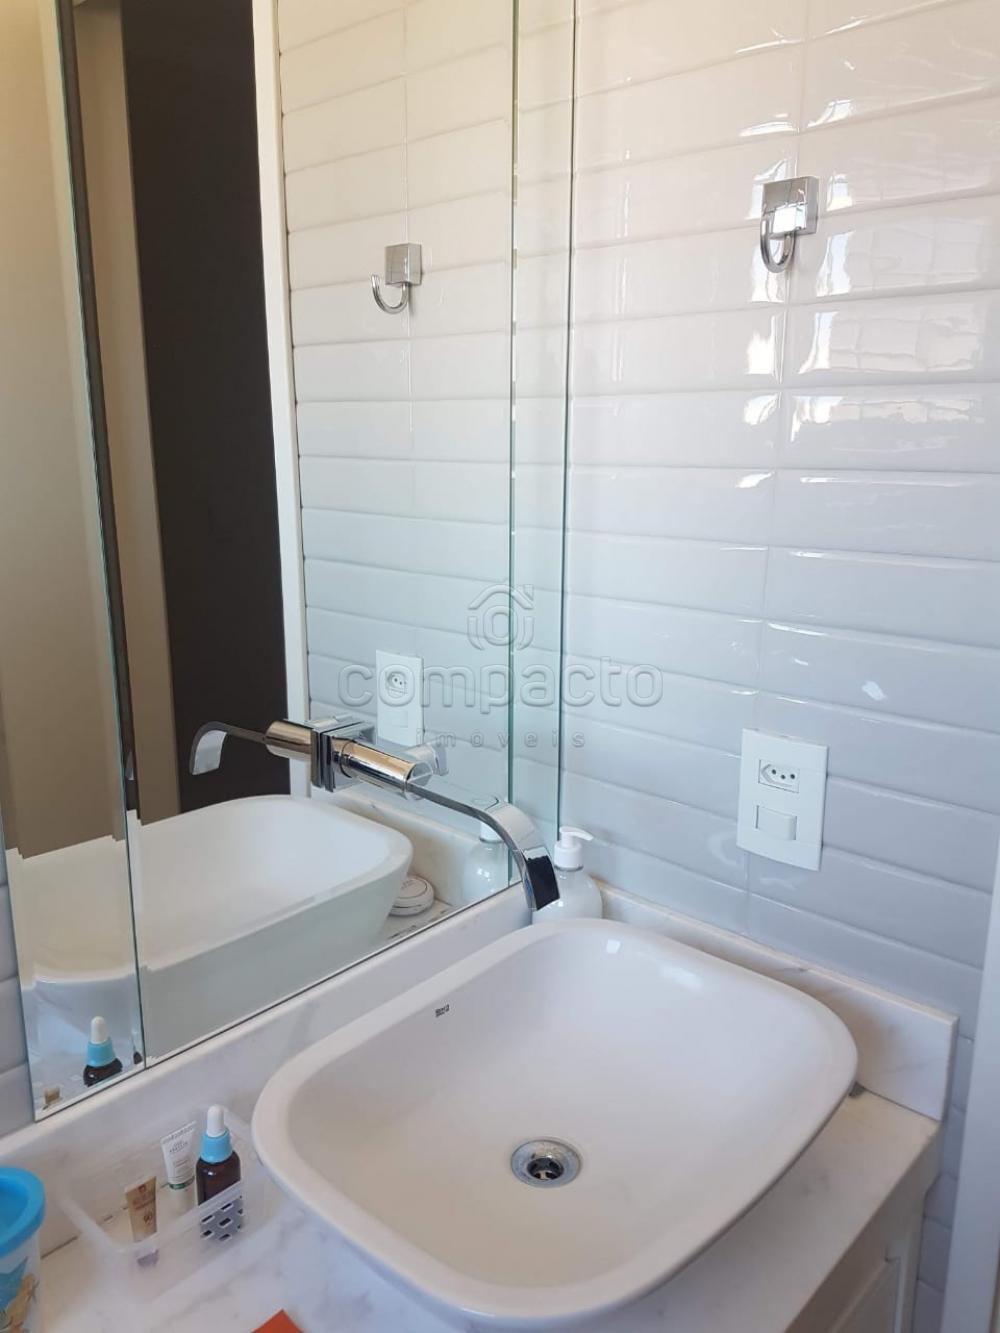 Comprar Casa / Condomínio em São José do Rio Preto apenas R$ 480.000,00 - Foto 6